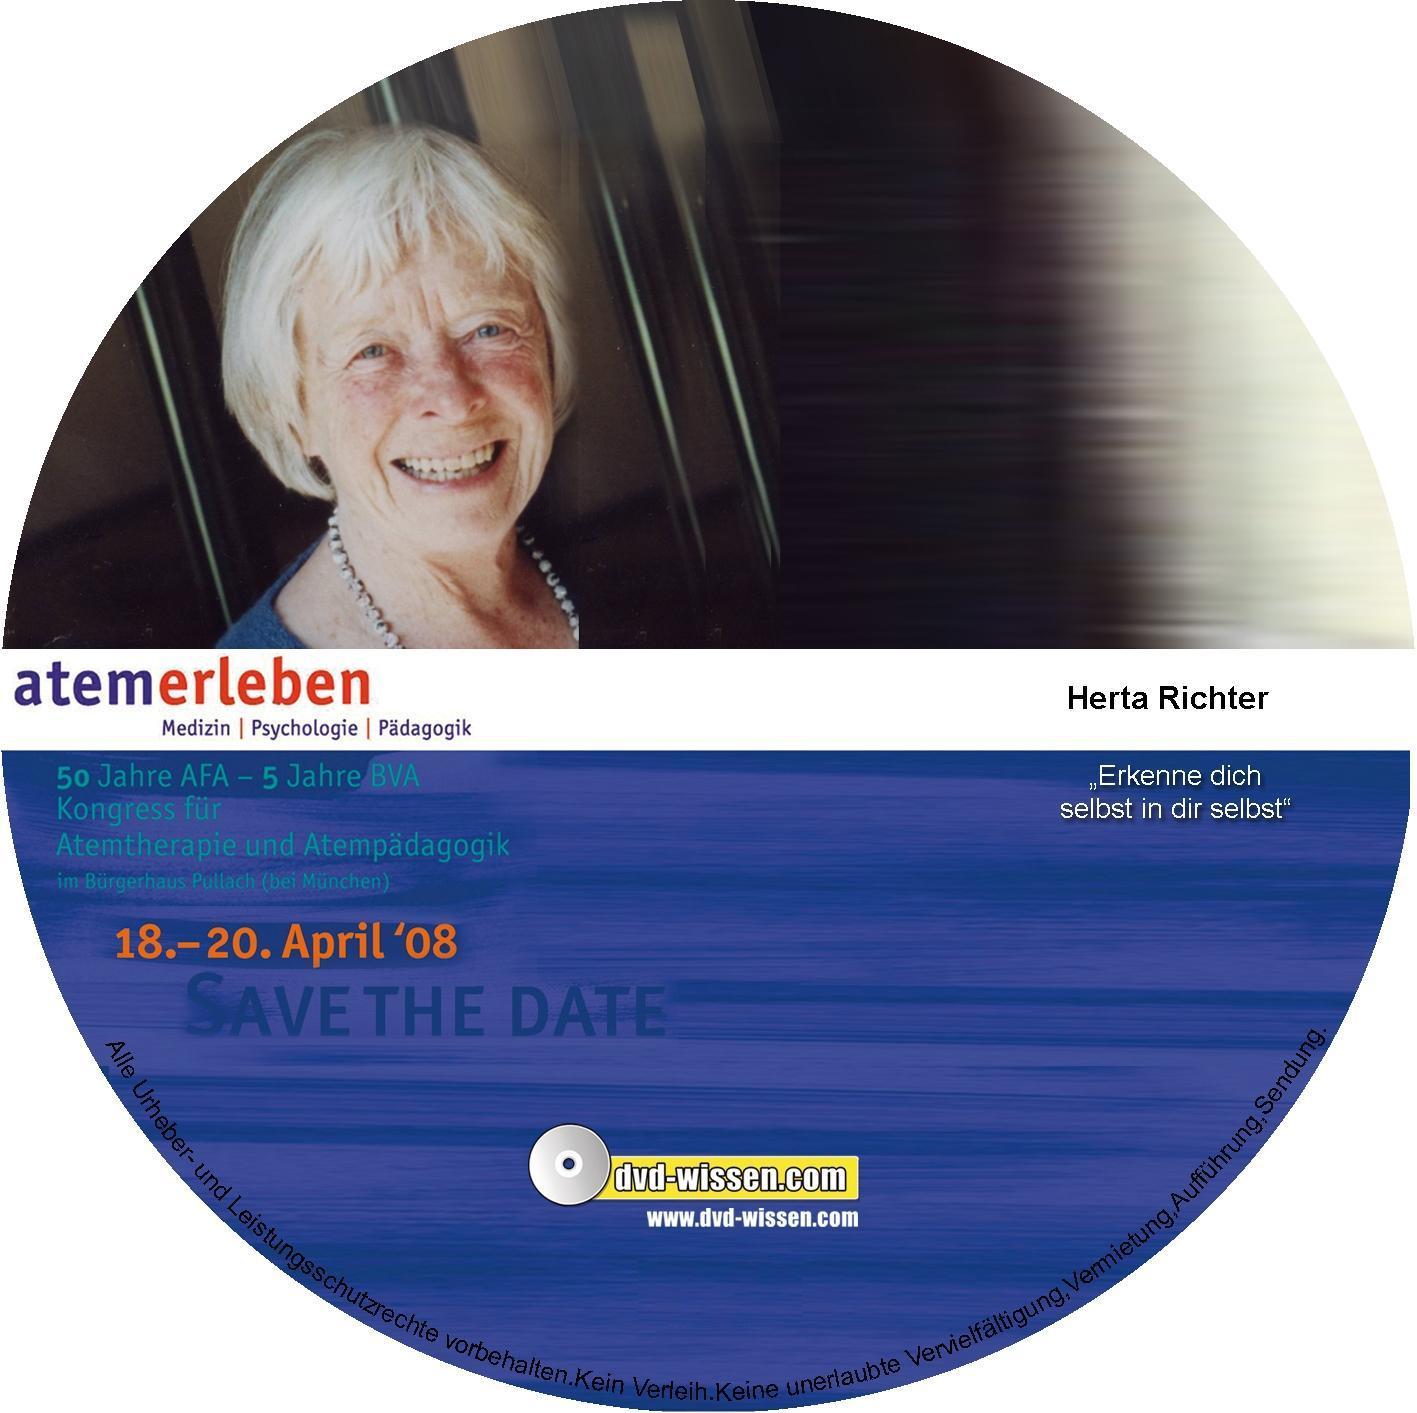 Komplett-Paket (5 Vorträge und Podiumsdiskussion) vom Atem-Kongress 2008